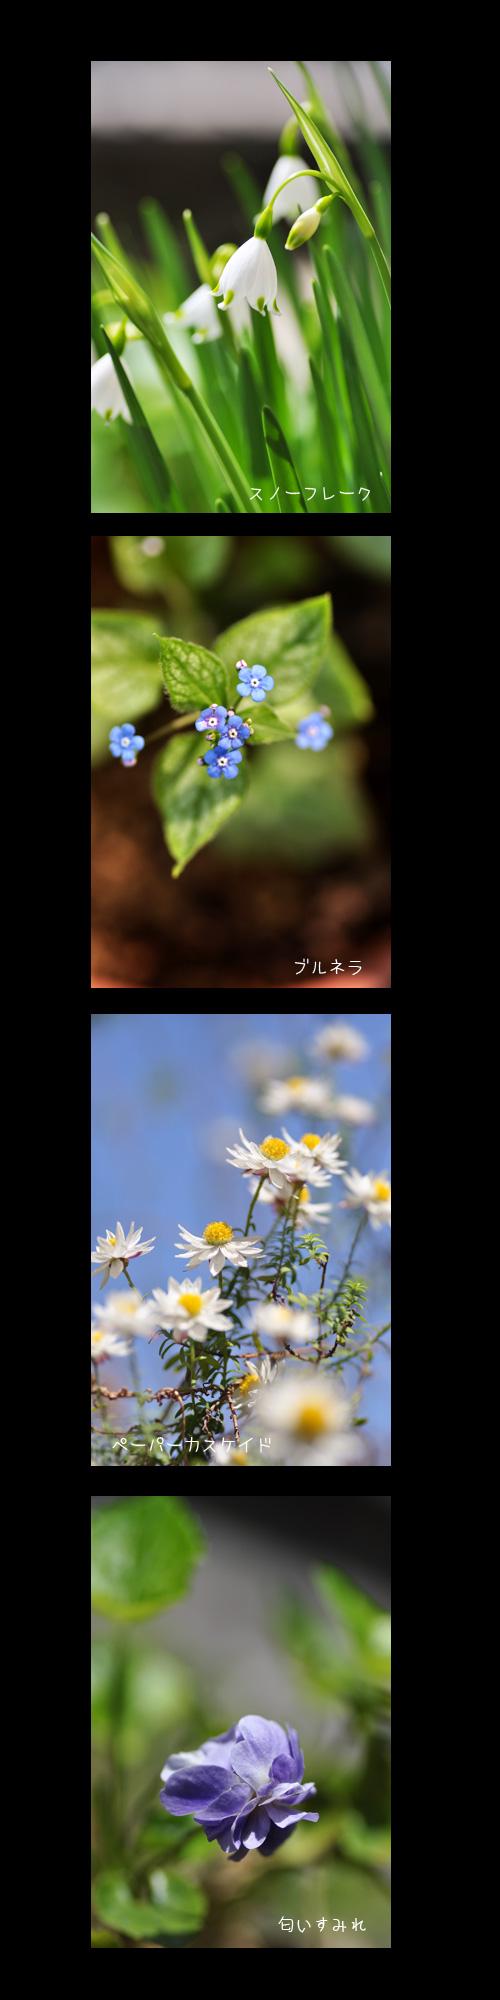 4月22日庭の花1